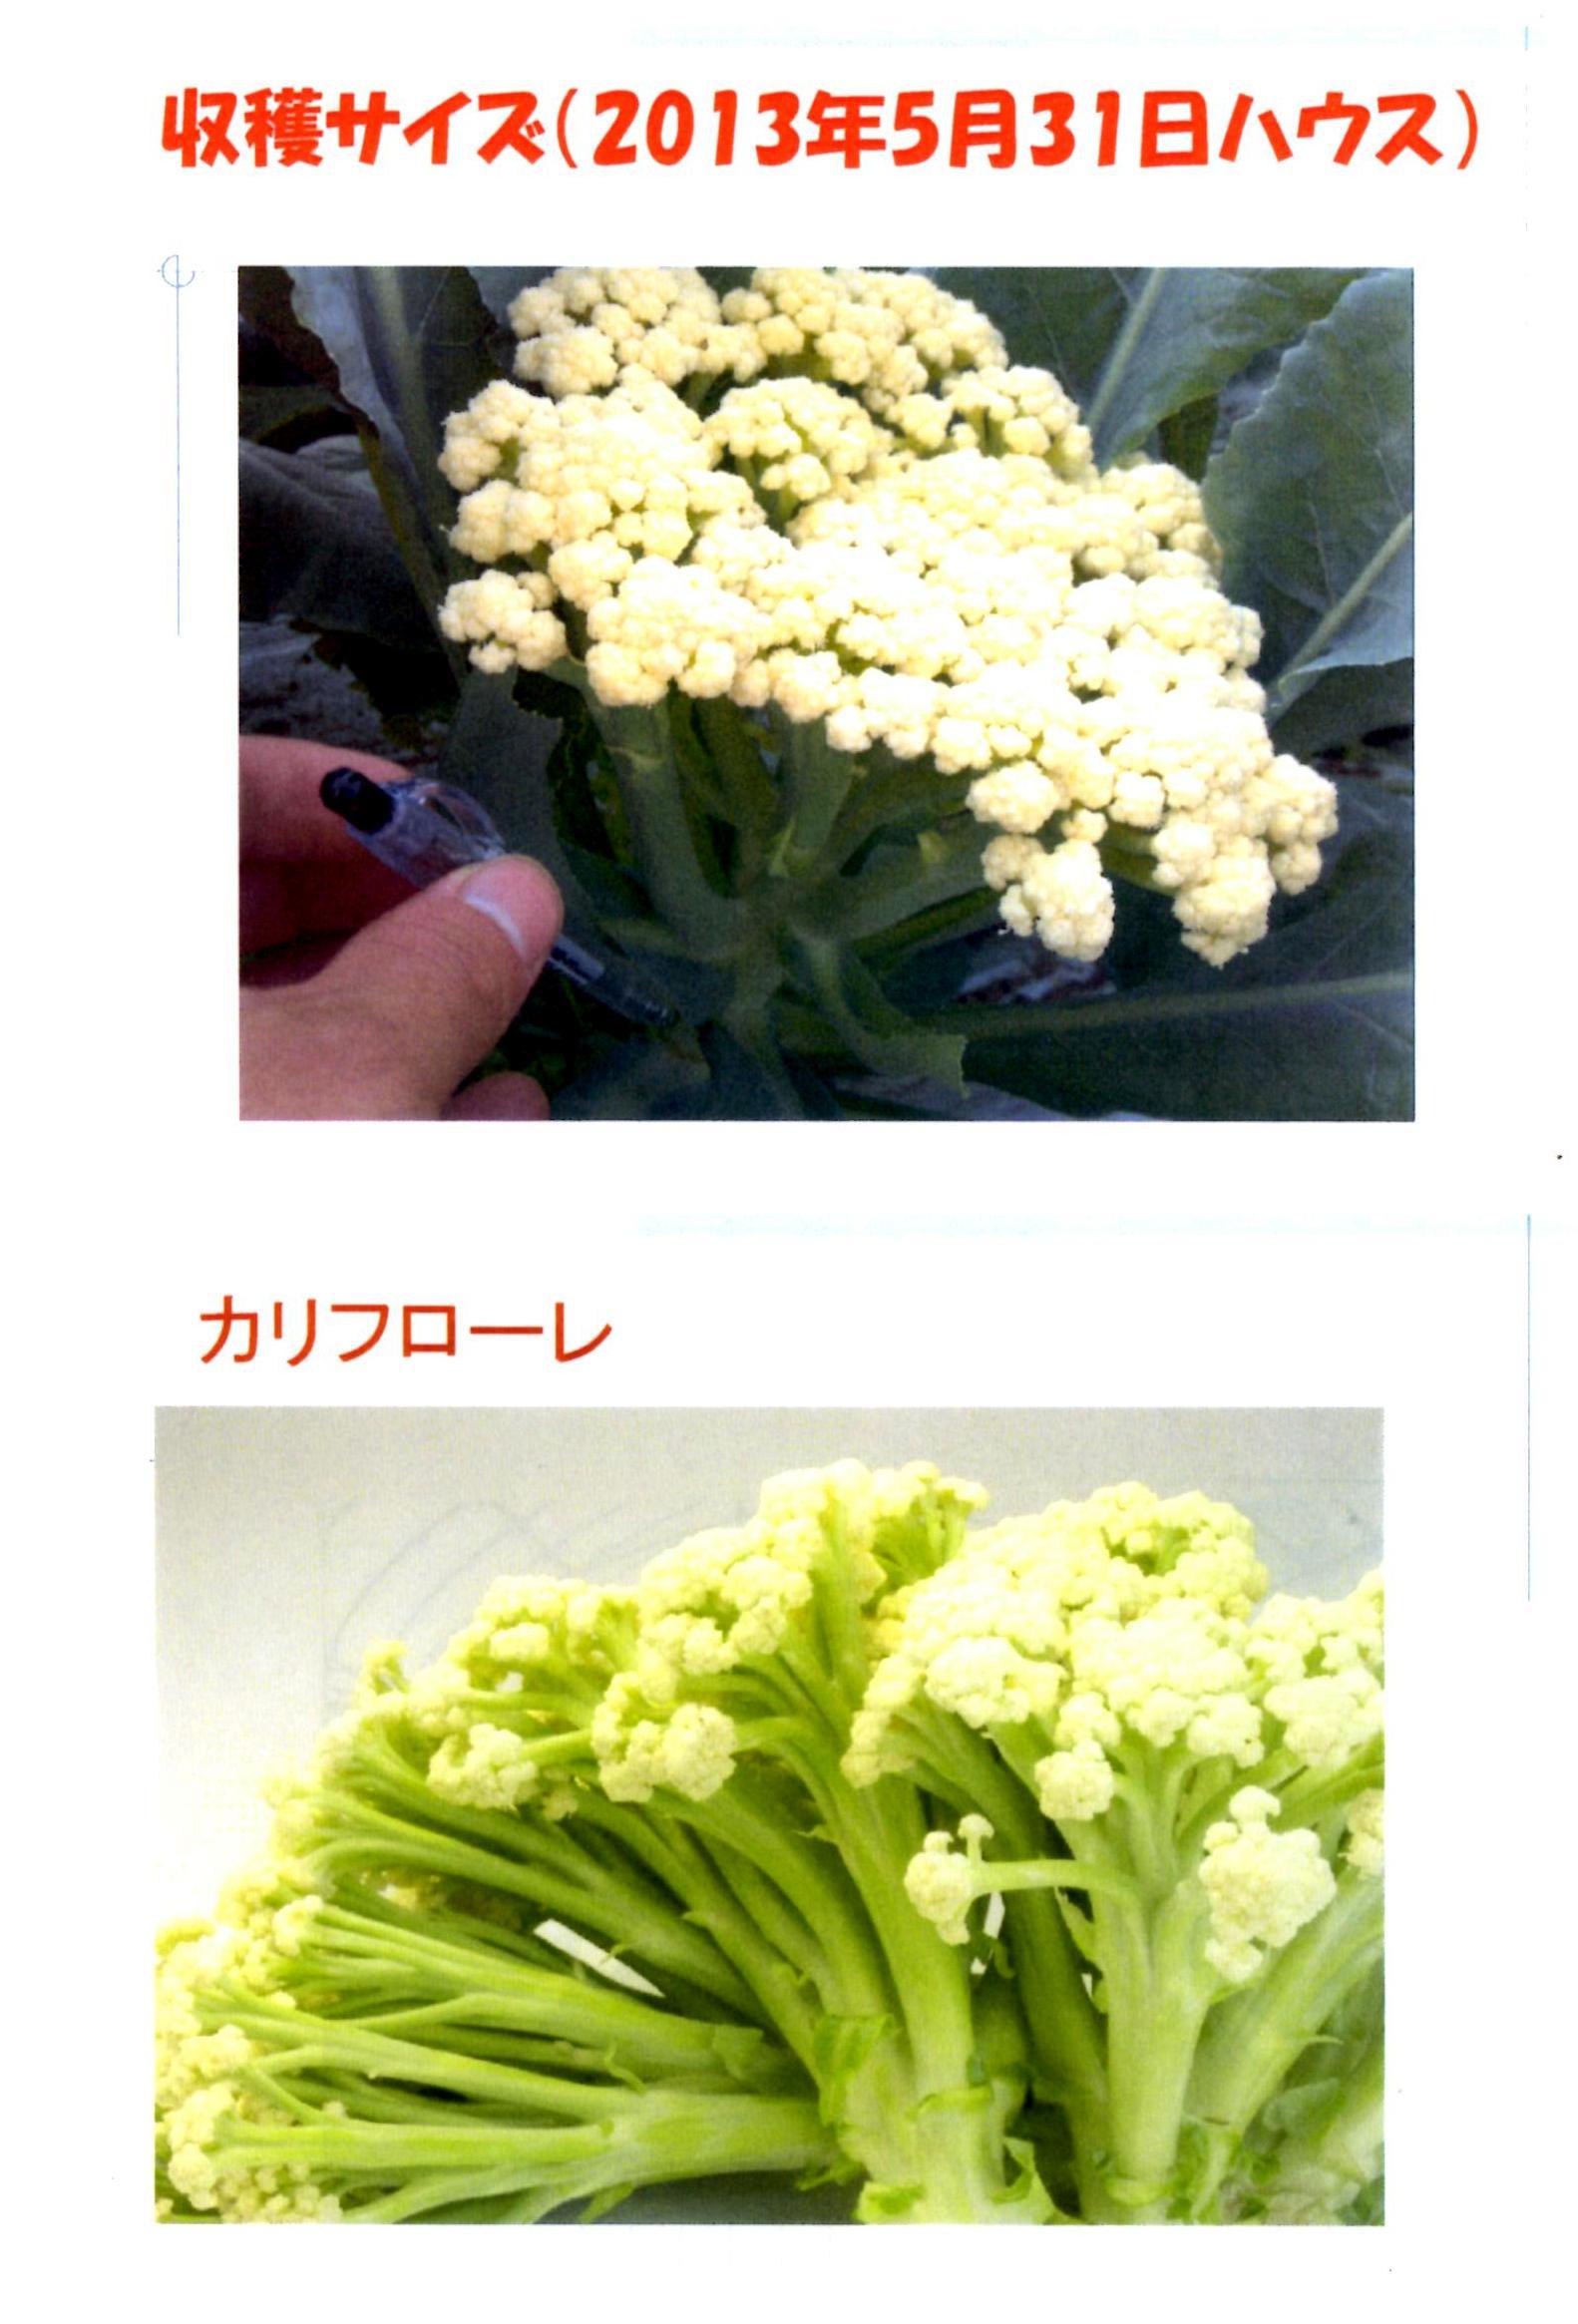 karifu-deta8.jpg